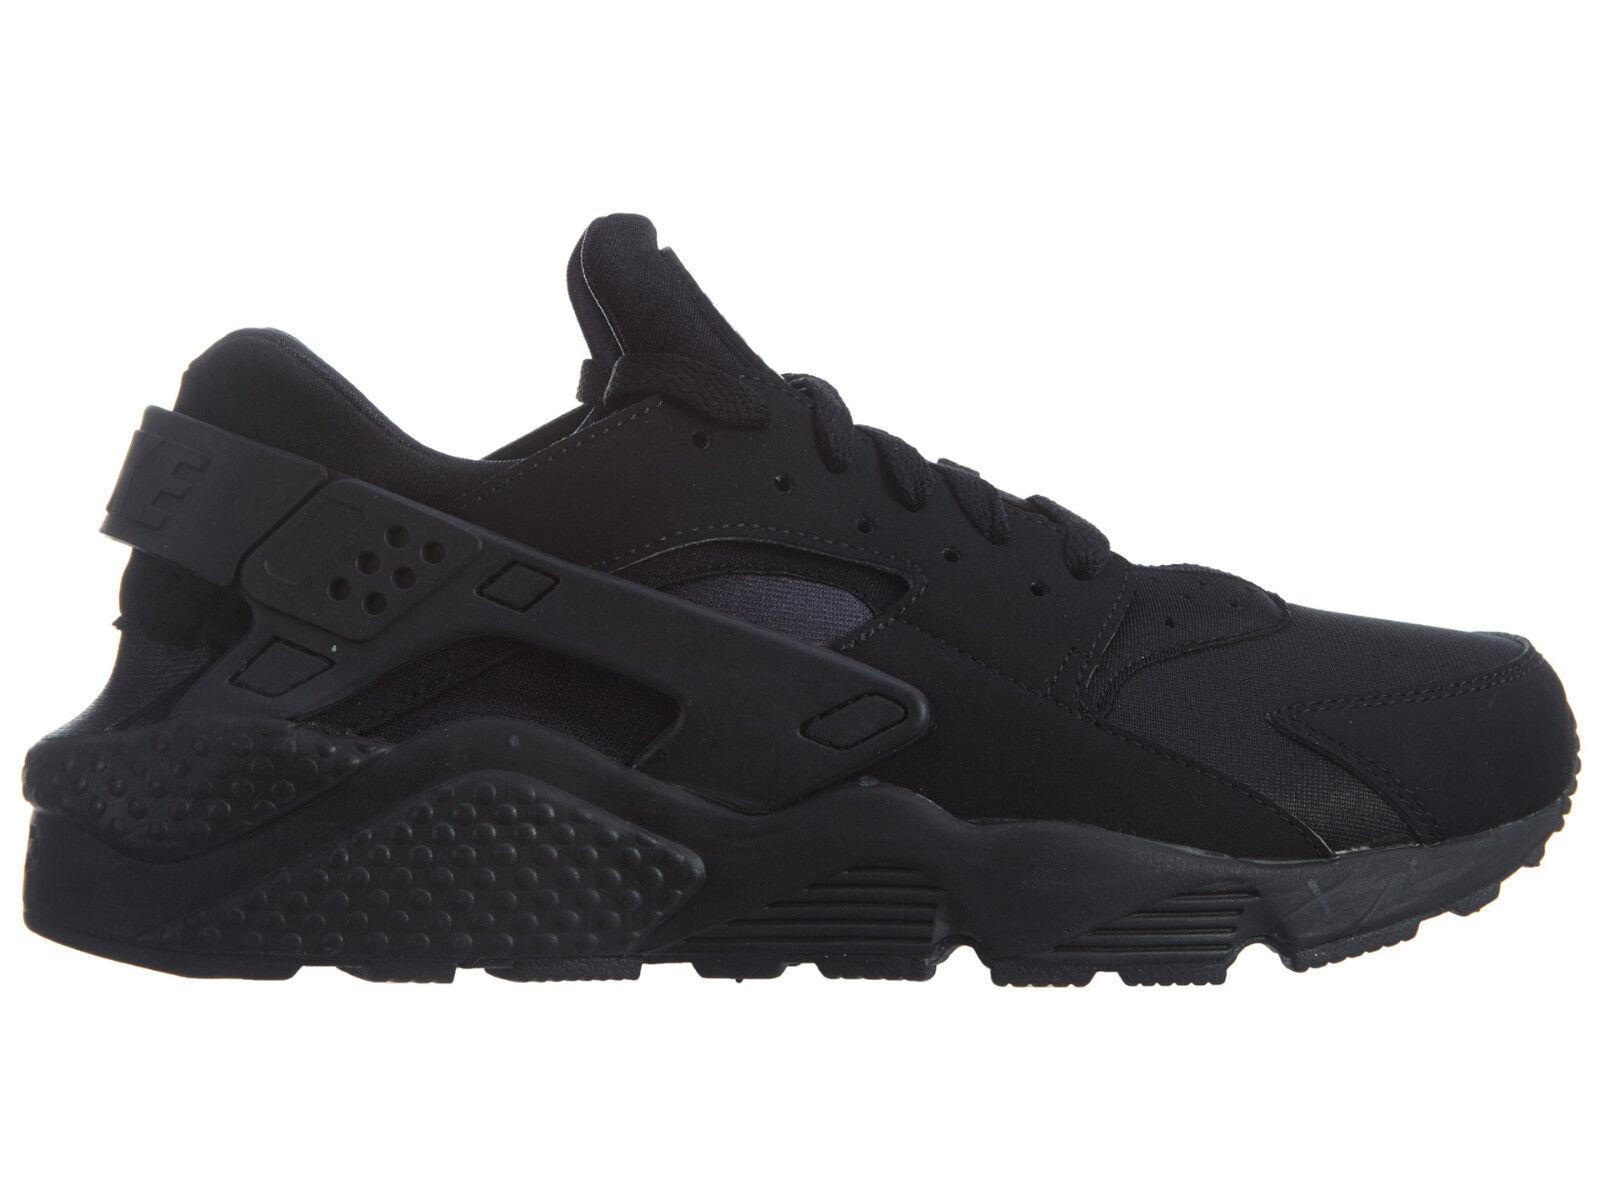 acheter populaire 7cff6 b92f0 Nike Air Huarache 318429-003 Pour Homme Noir Textile ...